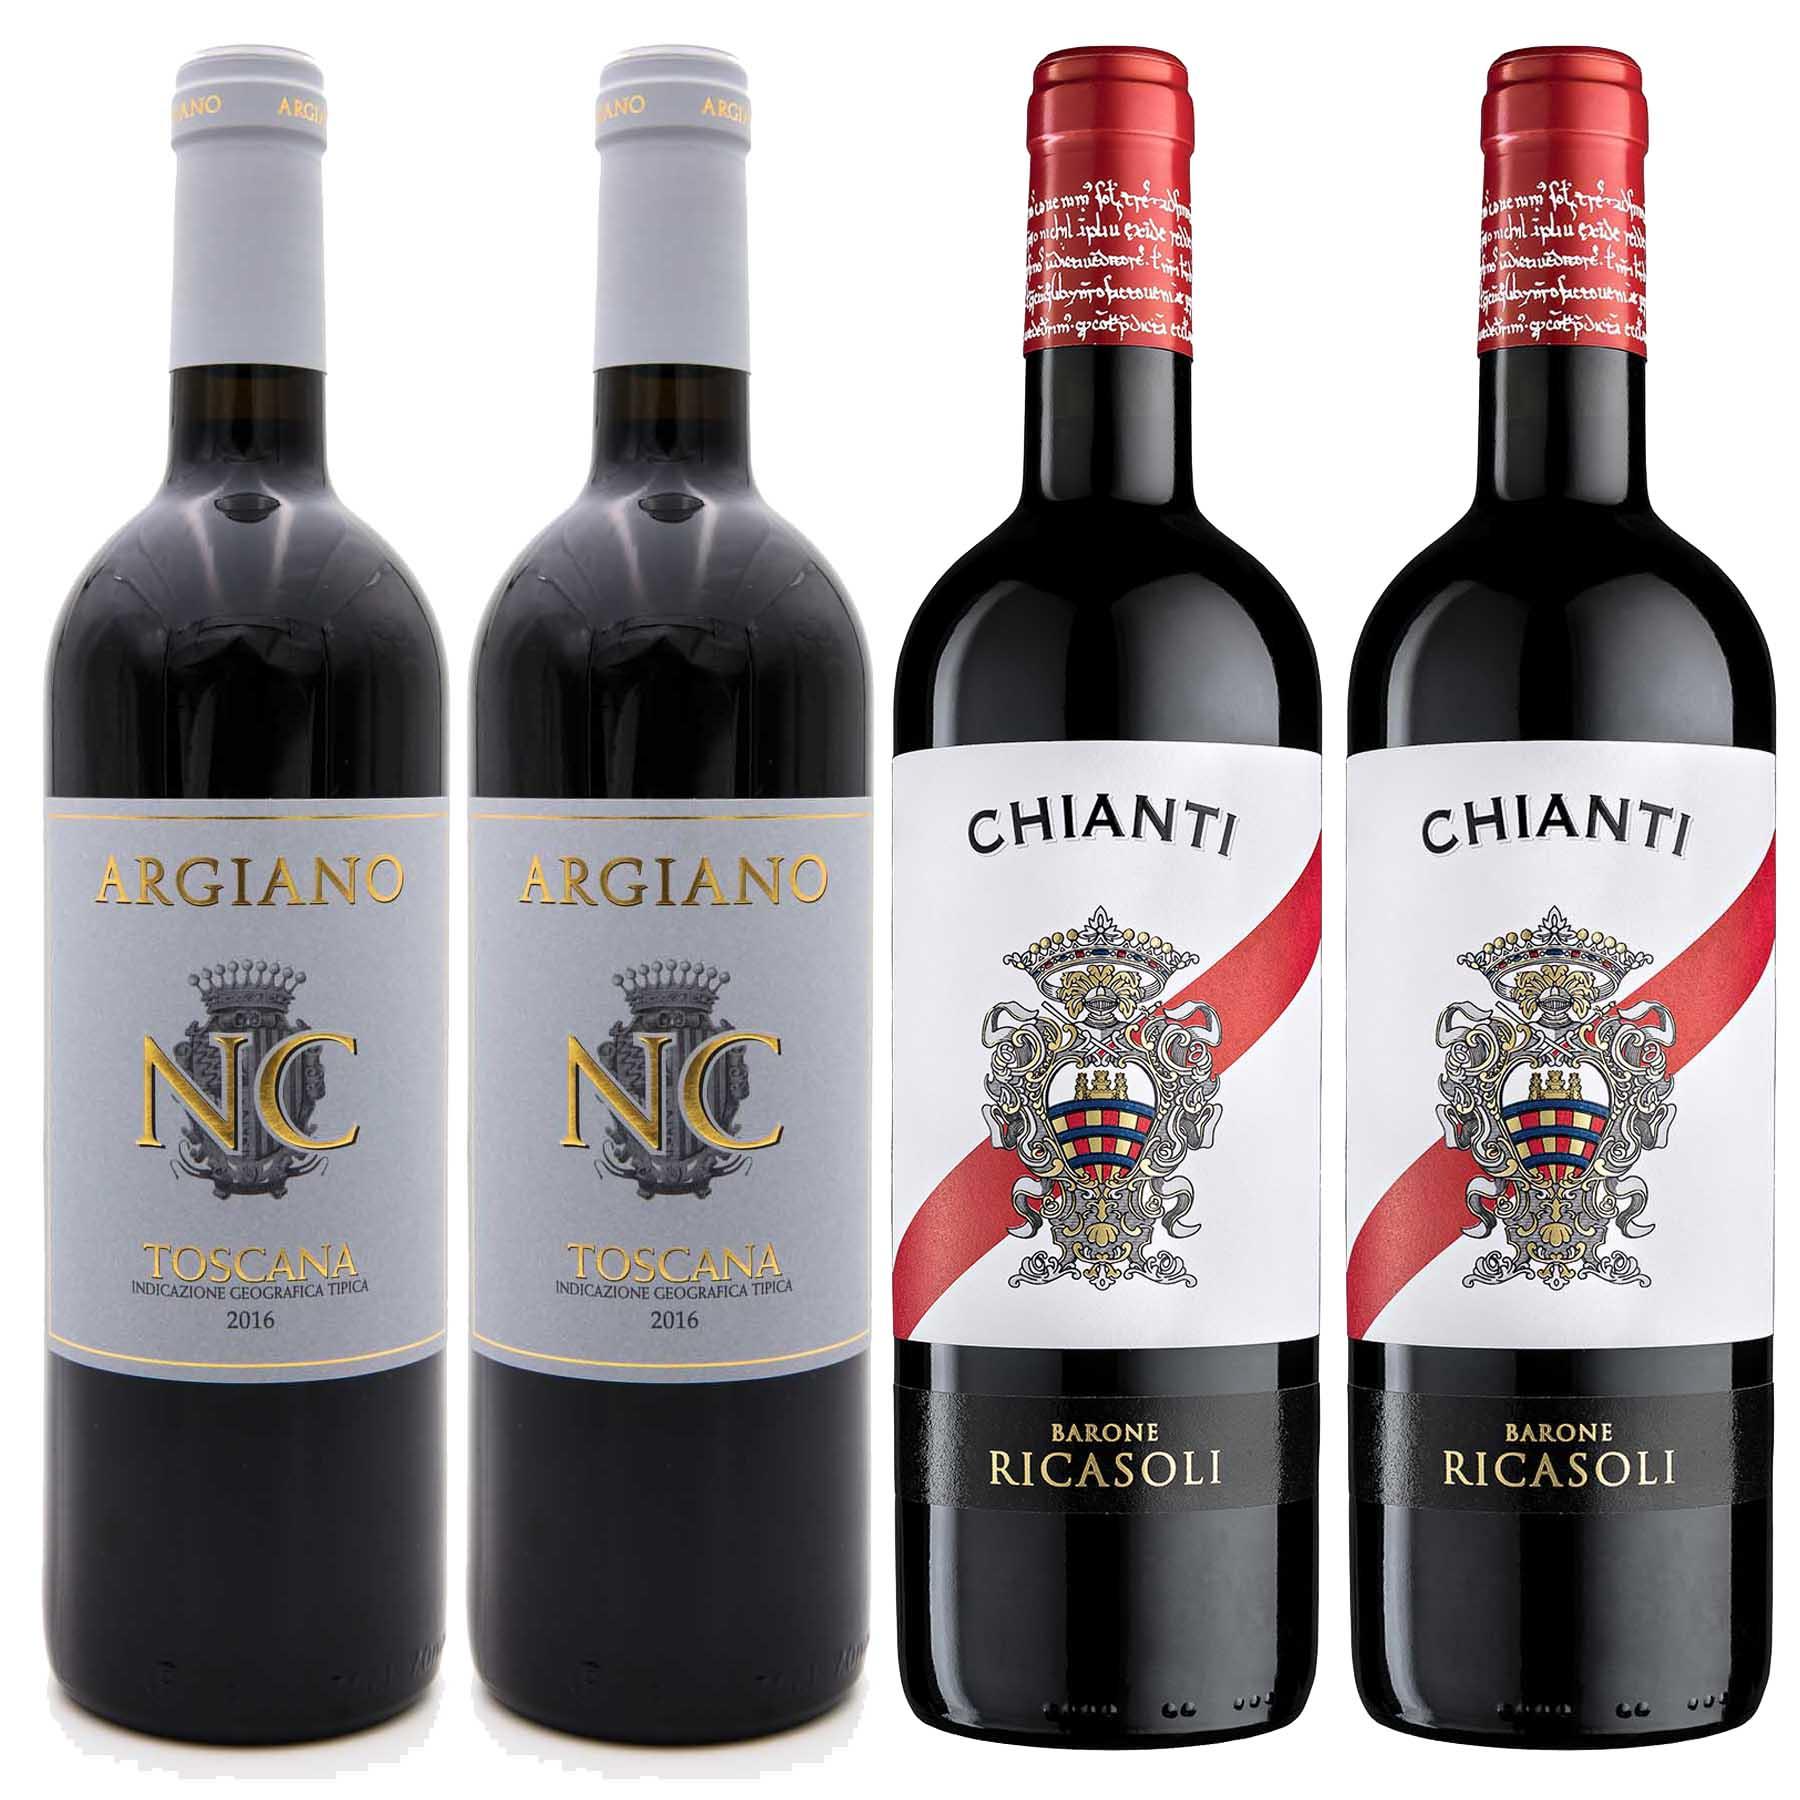 Kit Toscana 4 Vinhos: Chianti Ricasoli e NC Toscana IGT